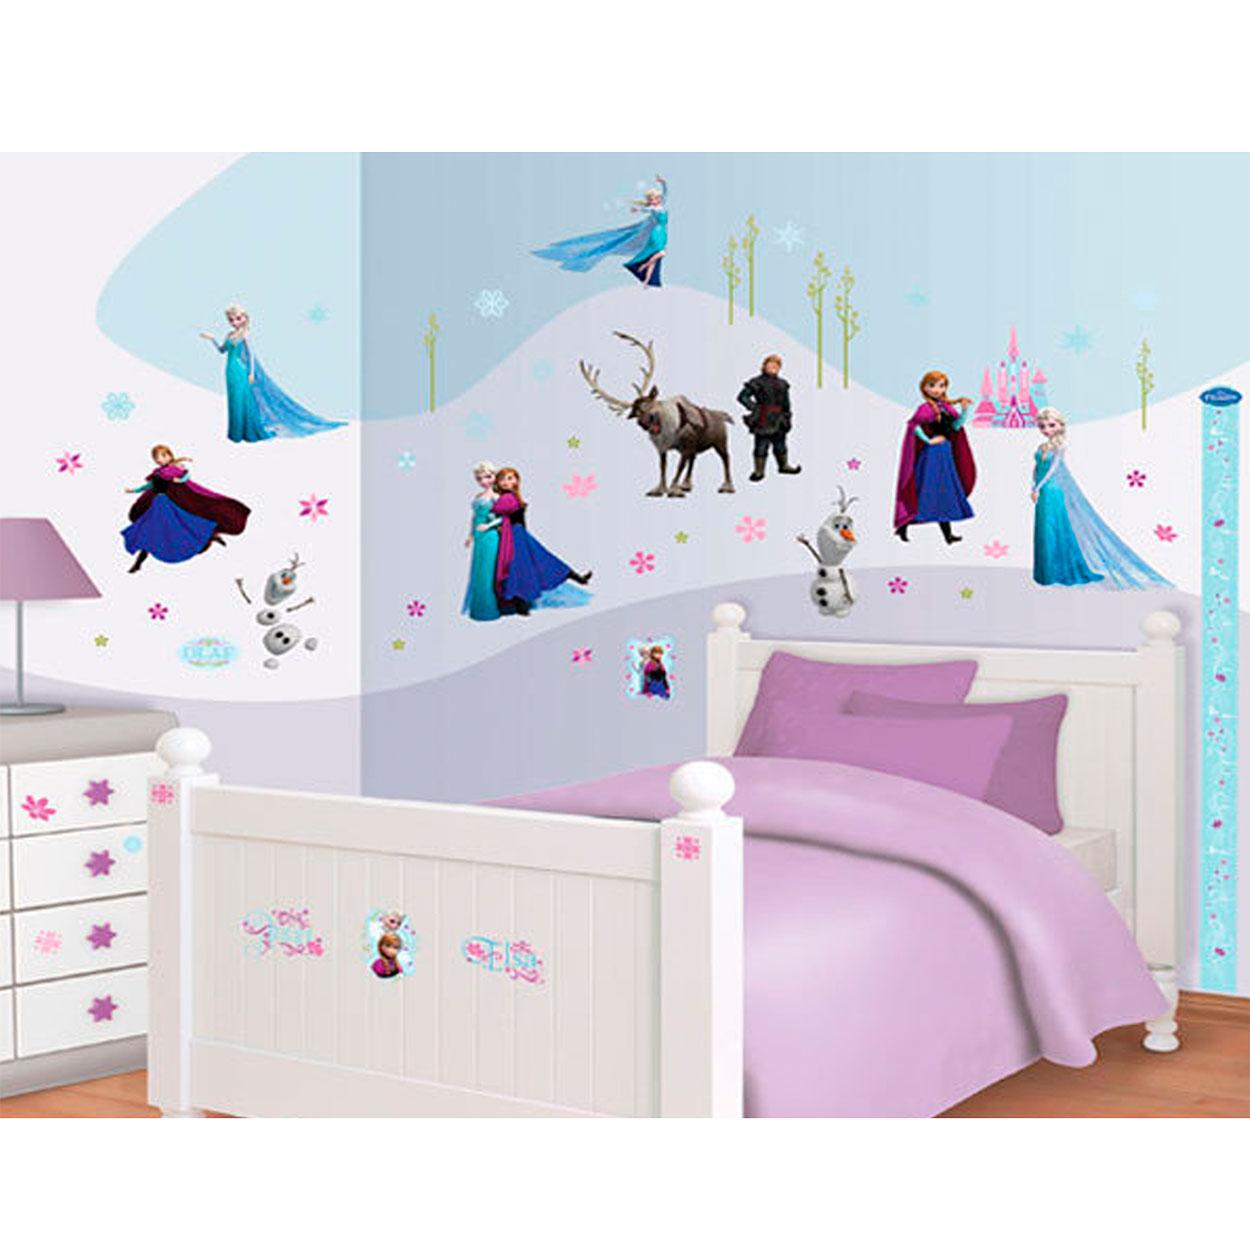 Walltastic Muurstickers Disney Frozen online kopen  Lobbes.nl